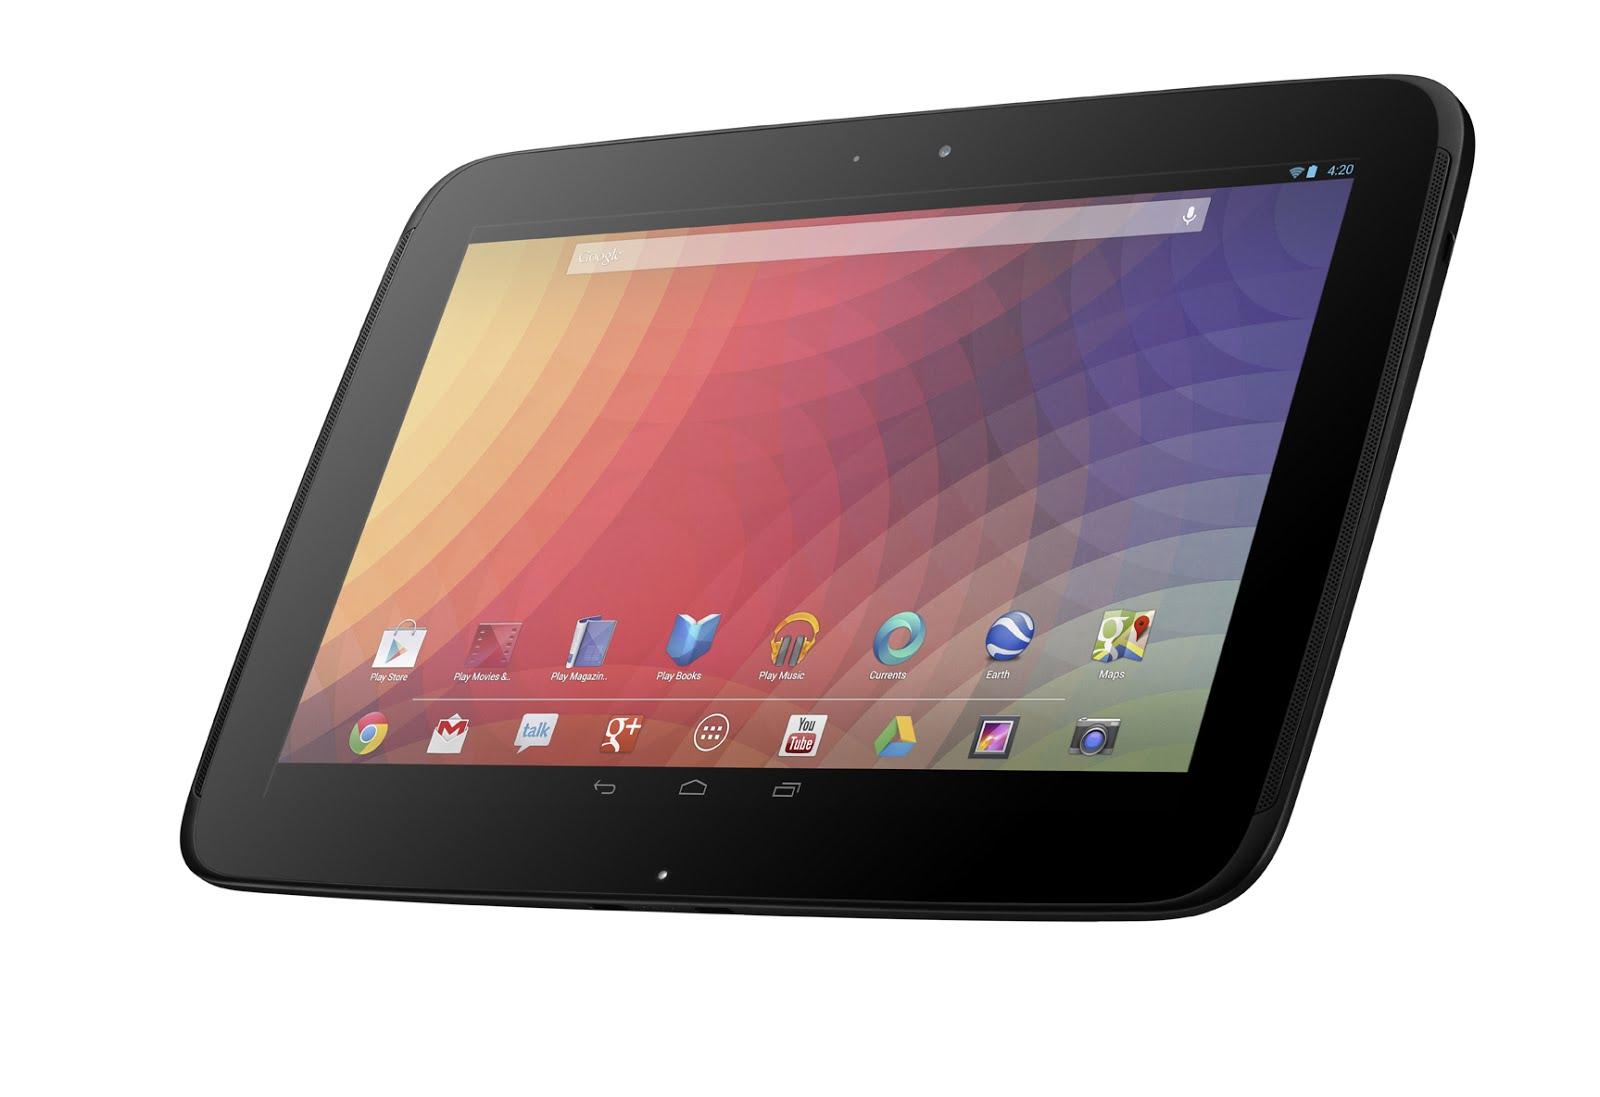 Samsung Nexus 10 vs Huawei Mediapad 10 FHD sau ce tabletă de top mai poți cumpăra cu 1999 lei